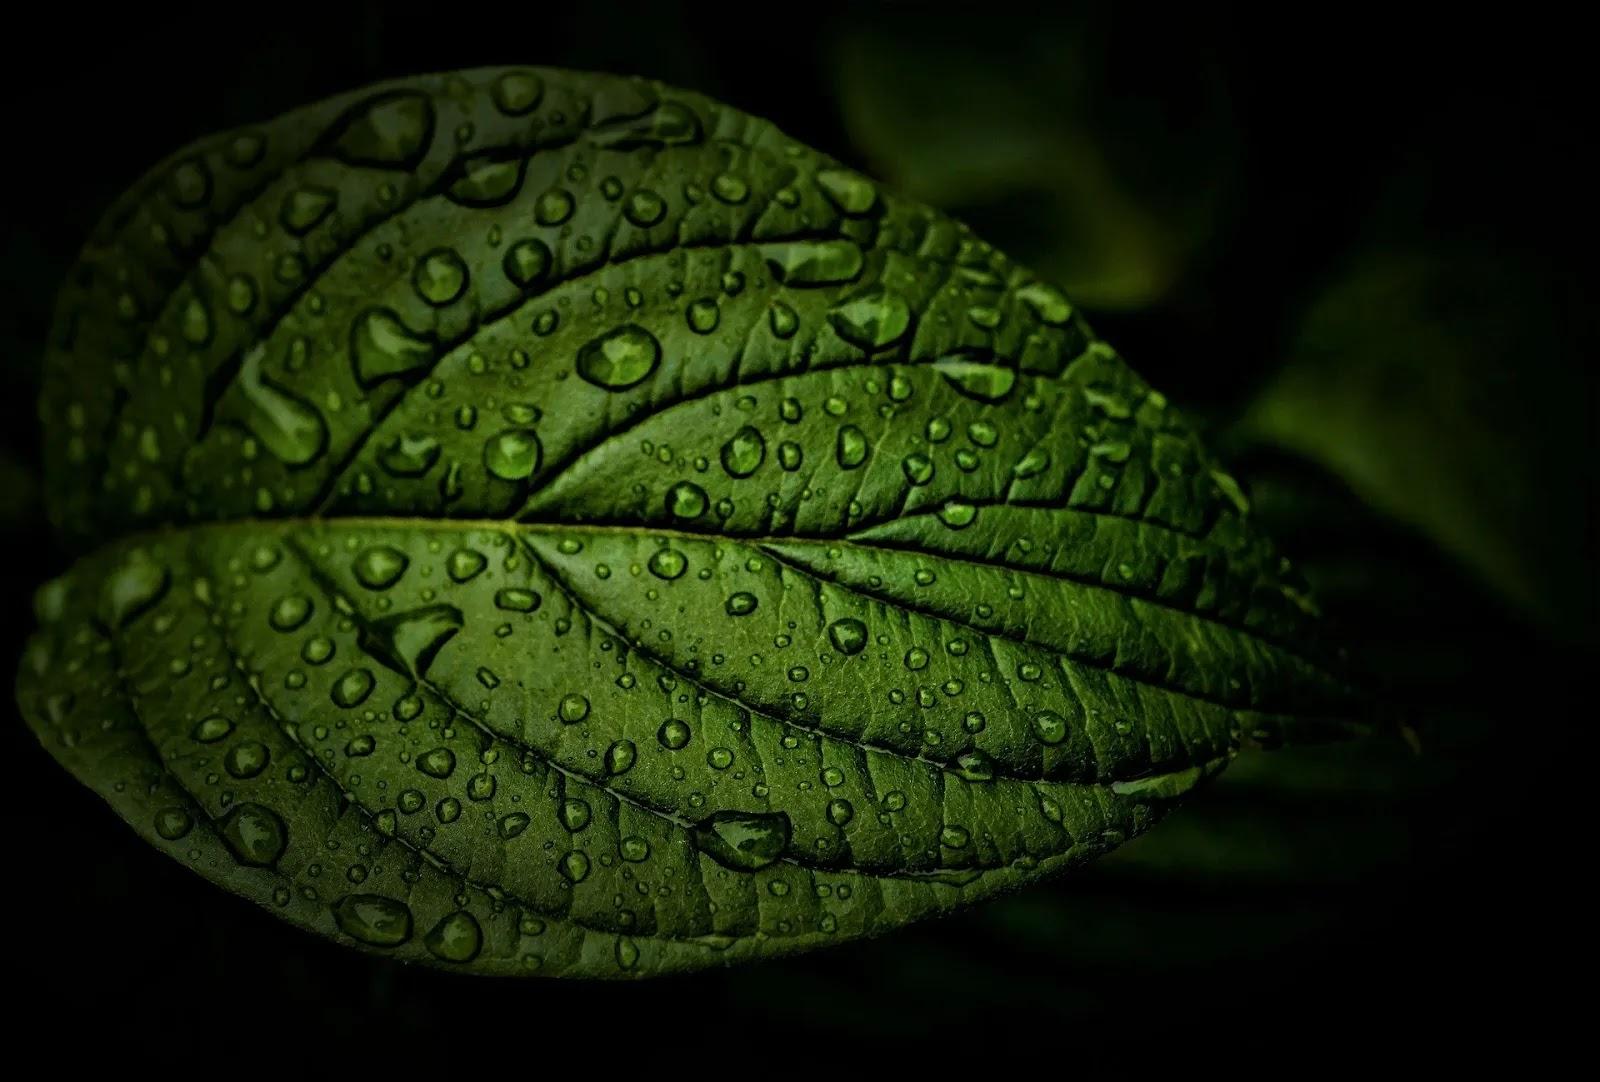 أفضل خلفيات الأشجار الخضراء والطبيعة